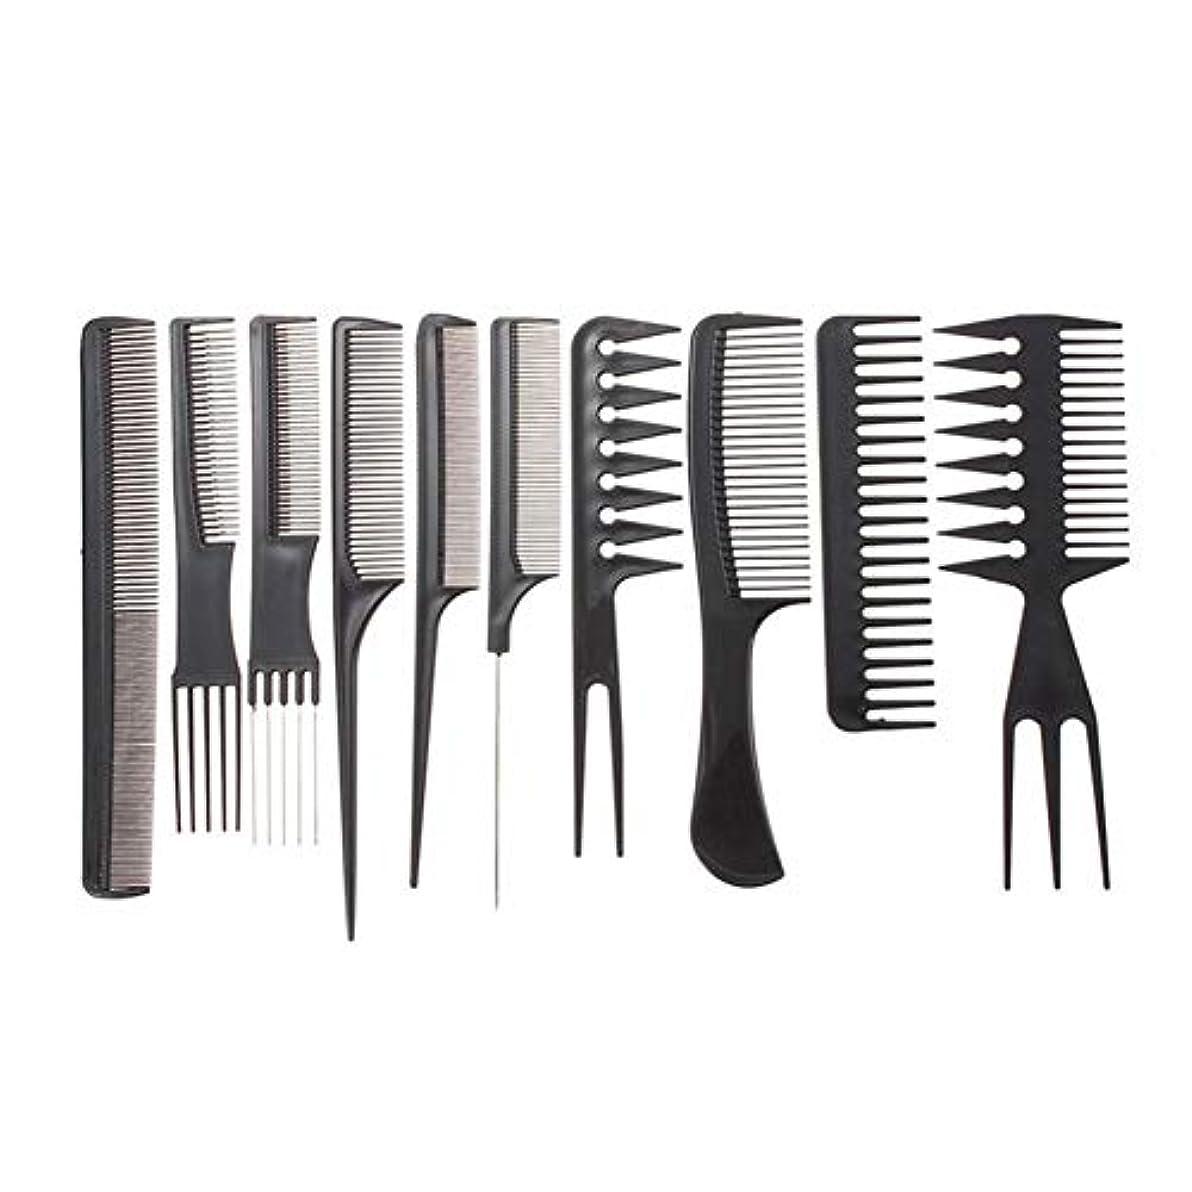 アーティファクト不明瞭シェード黒い髪のすべてのタイプのために設計された10看護プロのヘアスタイリストブラシコームヘアスタイリングツール